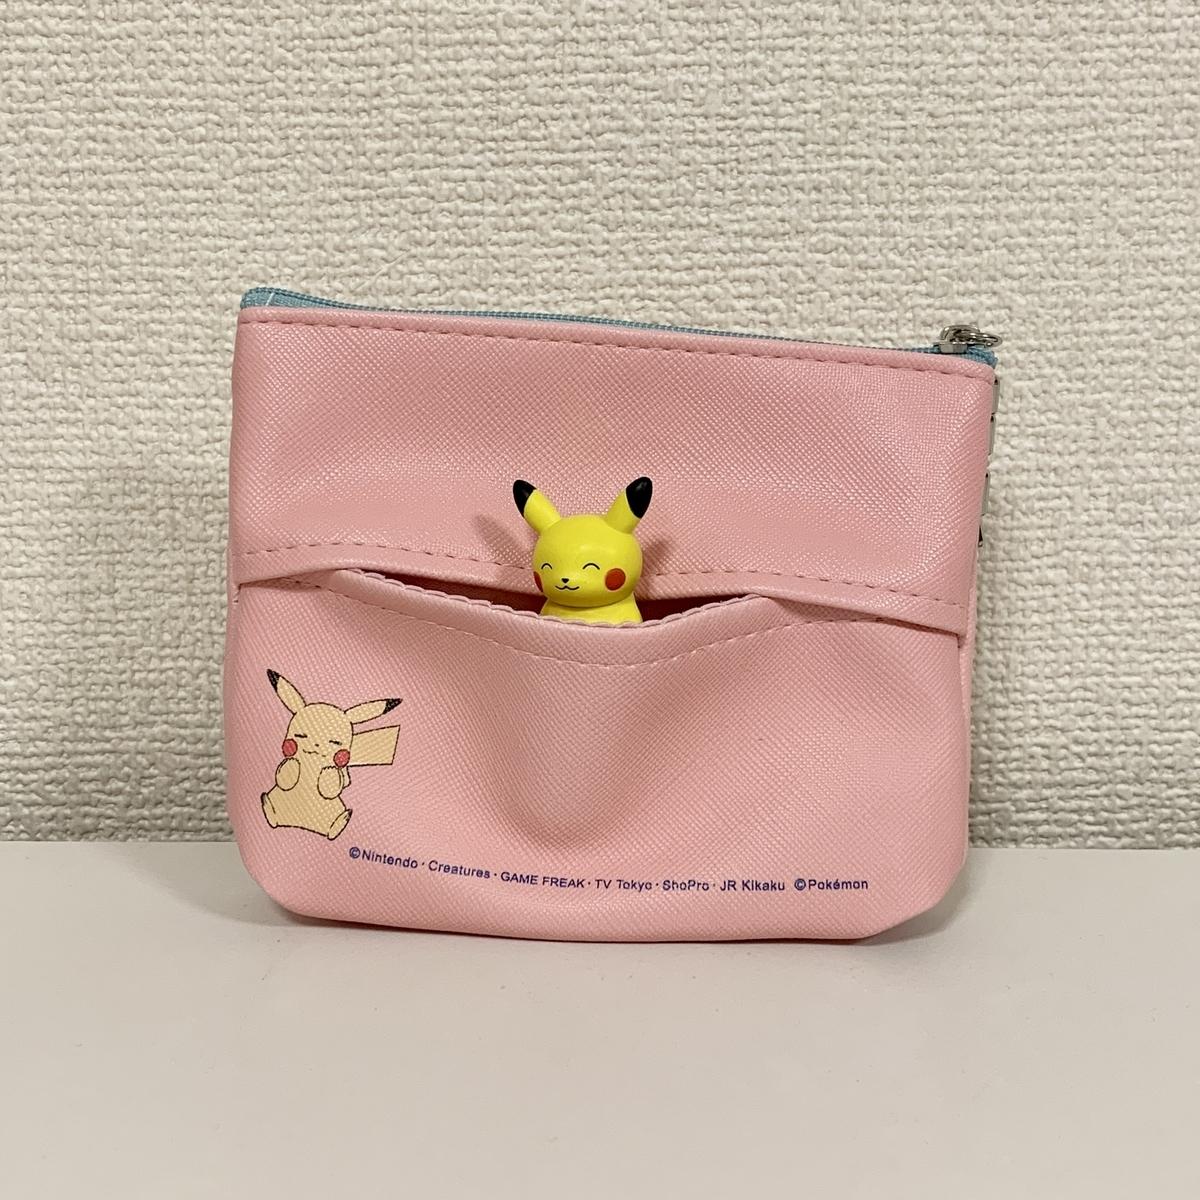 f:id:pikachu_pcn:20210222151755j:plain